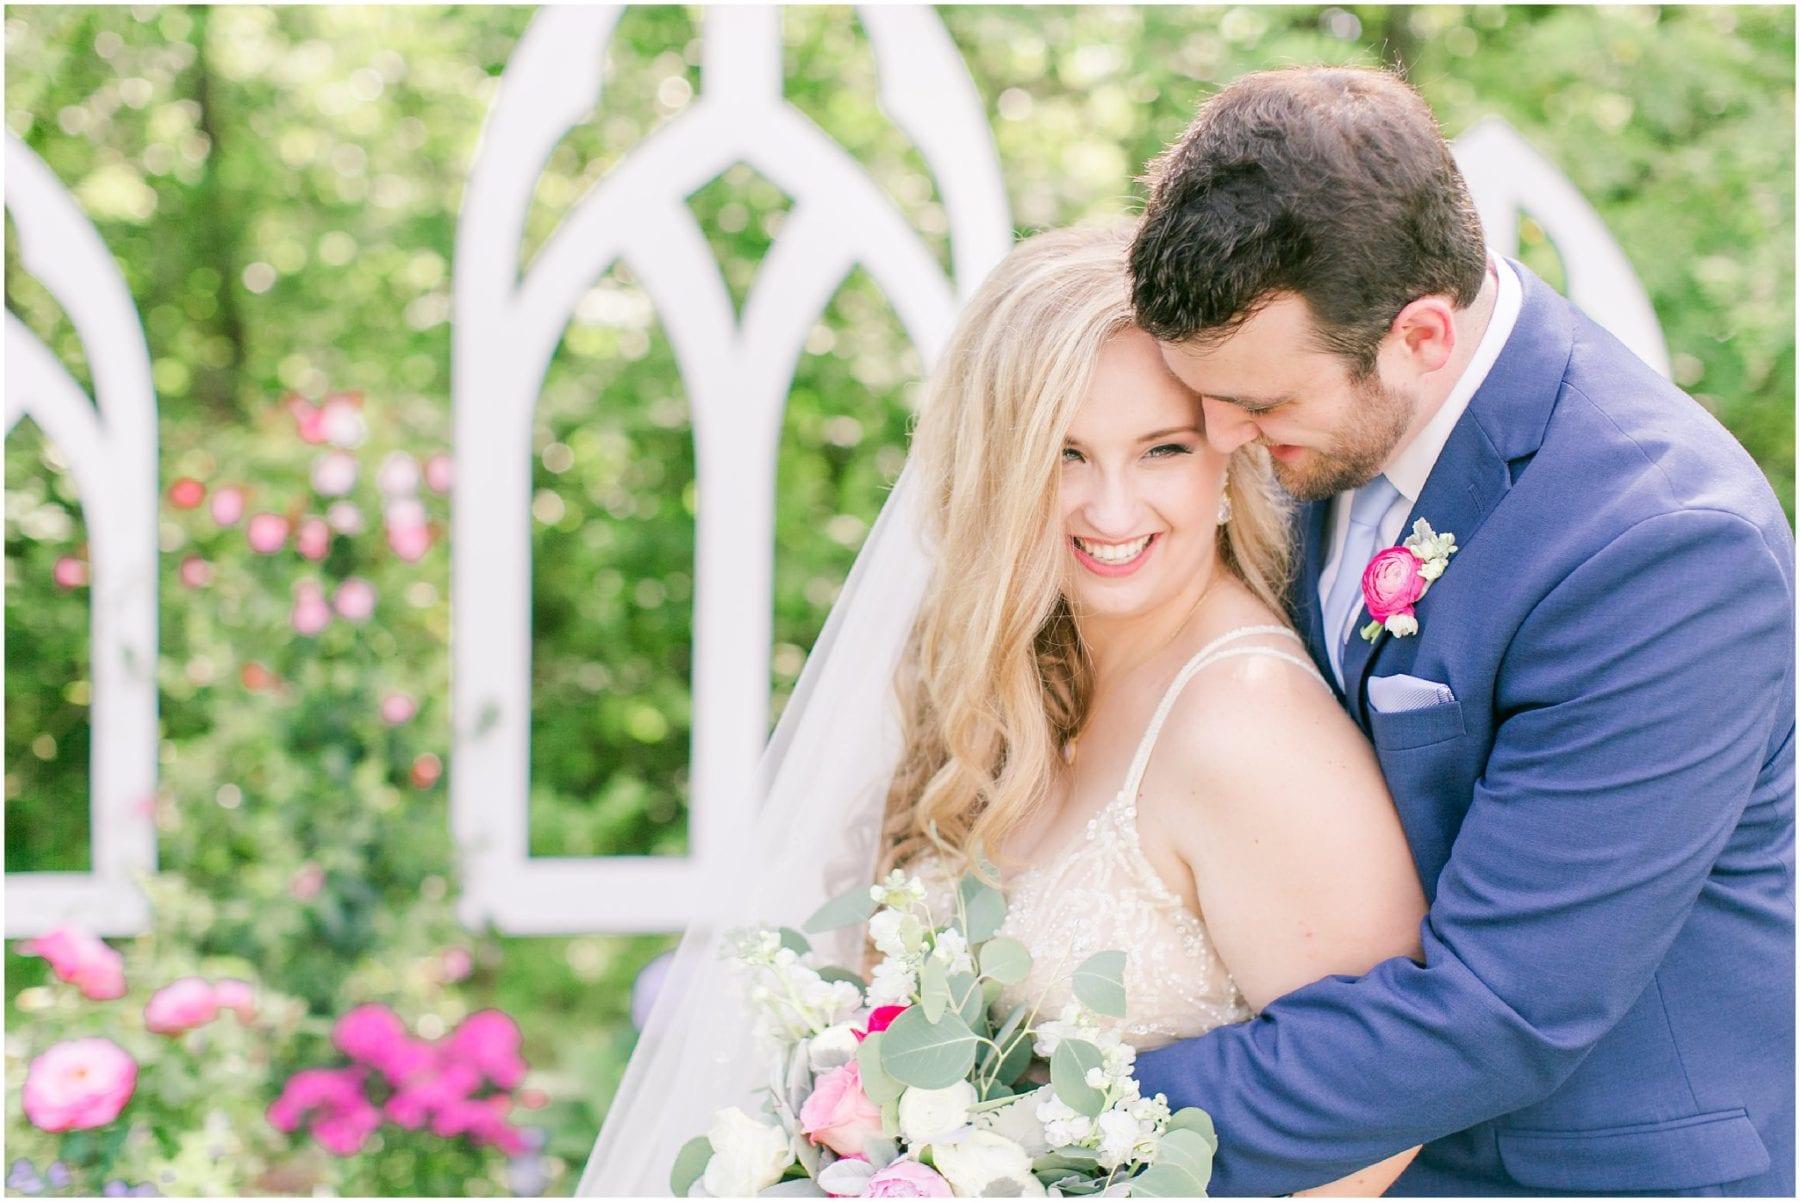 Maryland Backyard Wedding Photos Kelly & Zach Megan Kelsey Photography-117.jpg